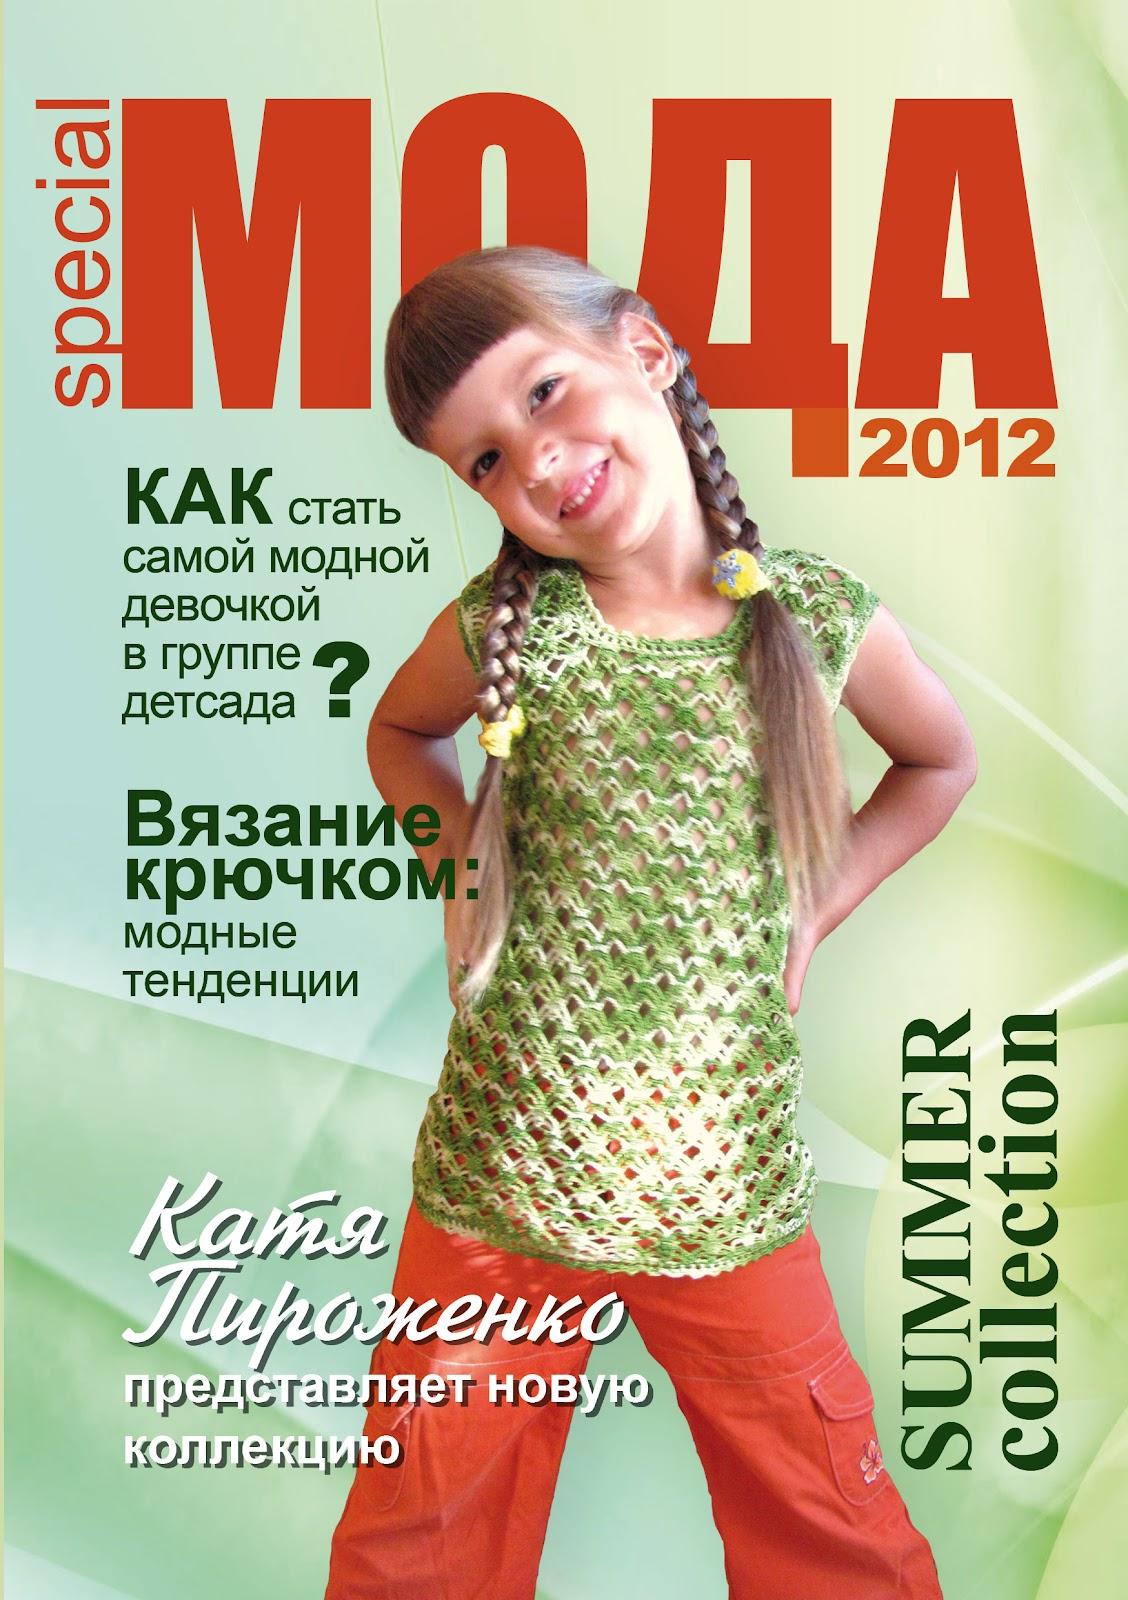 Обложка журнала своими руками 100